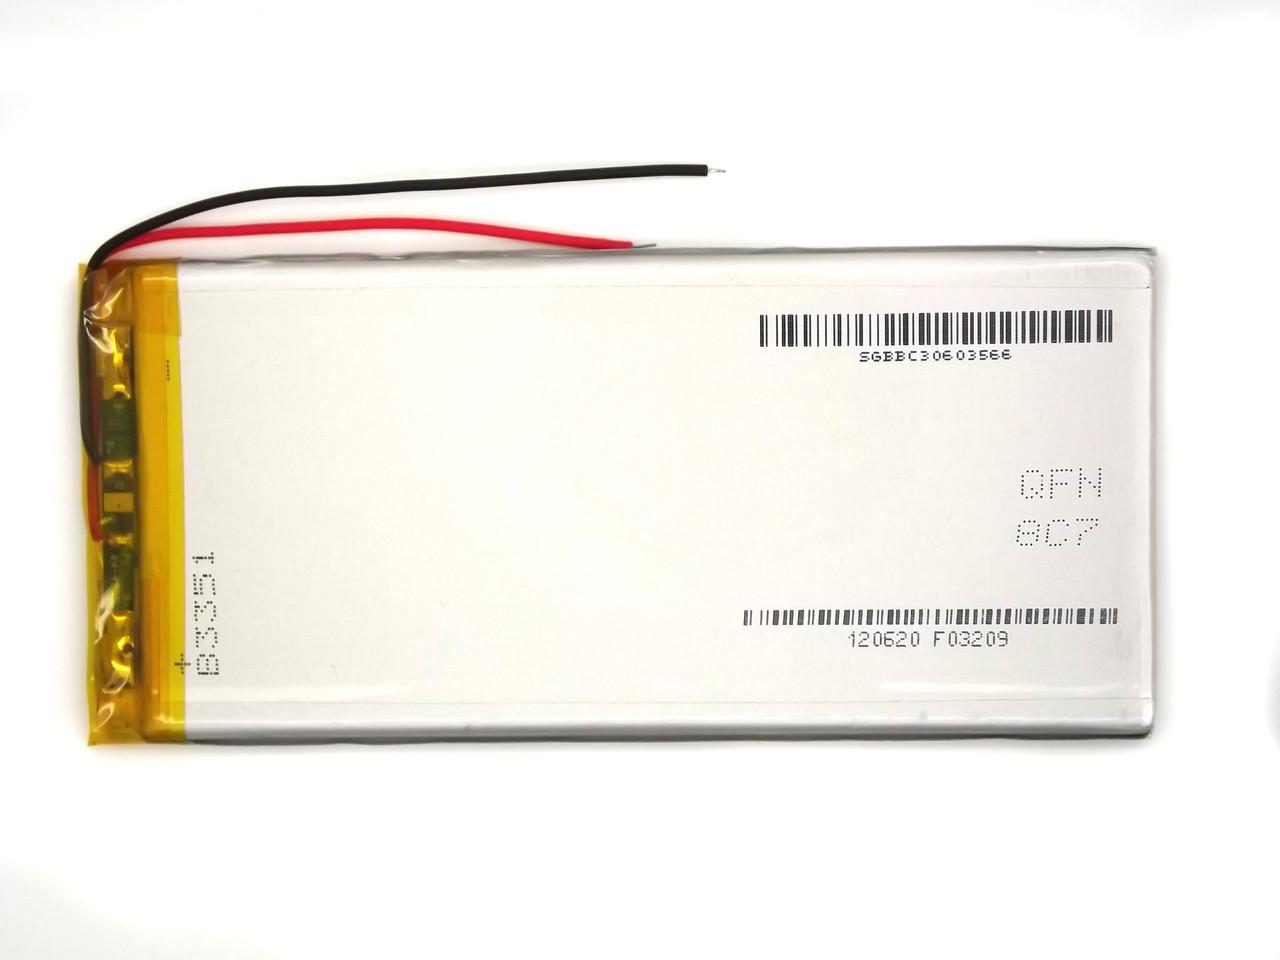 3500mAh 3.7v 4056126 УНИВЕРСАЛЬНЫЙ  длинный Аккумулятор для планшетов